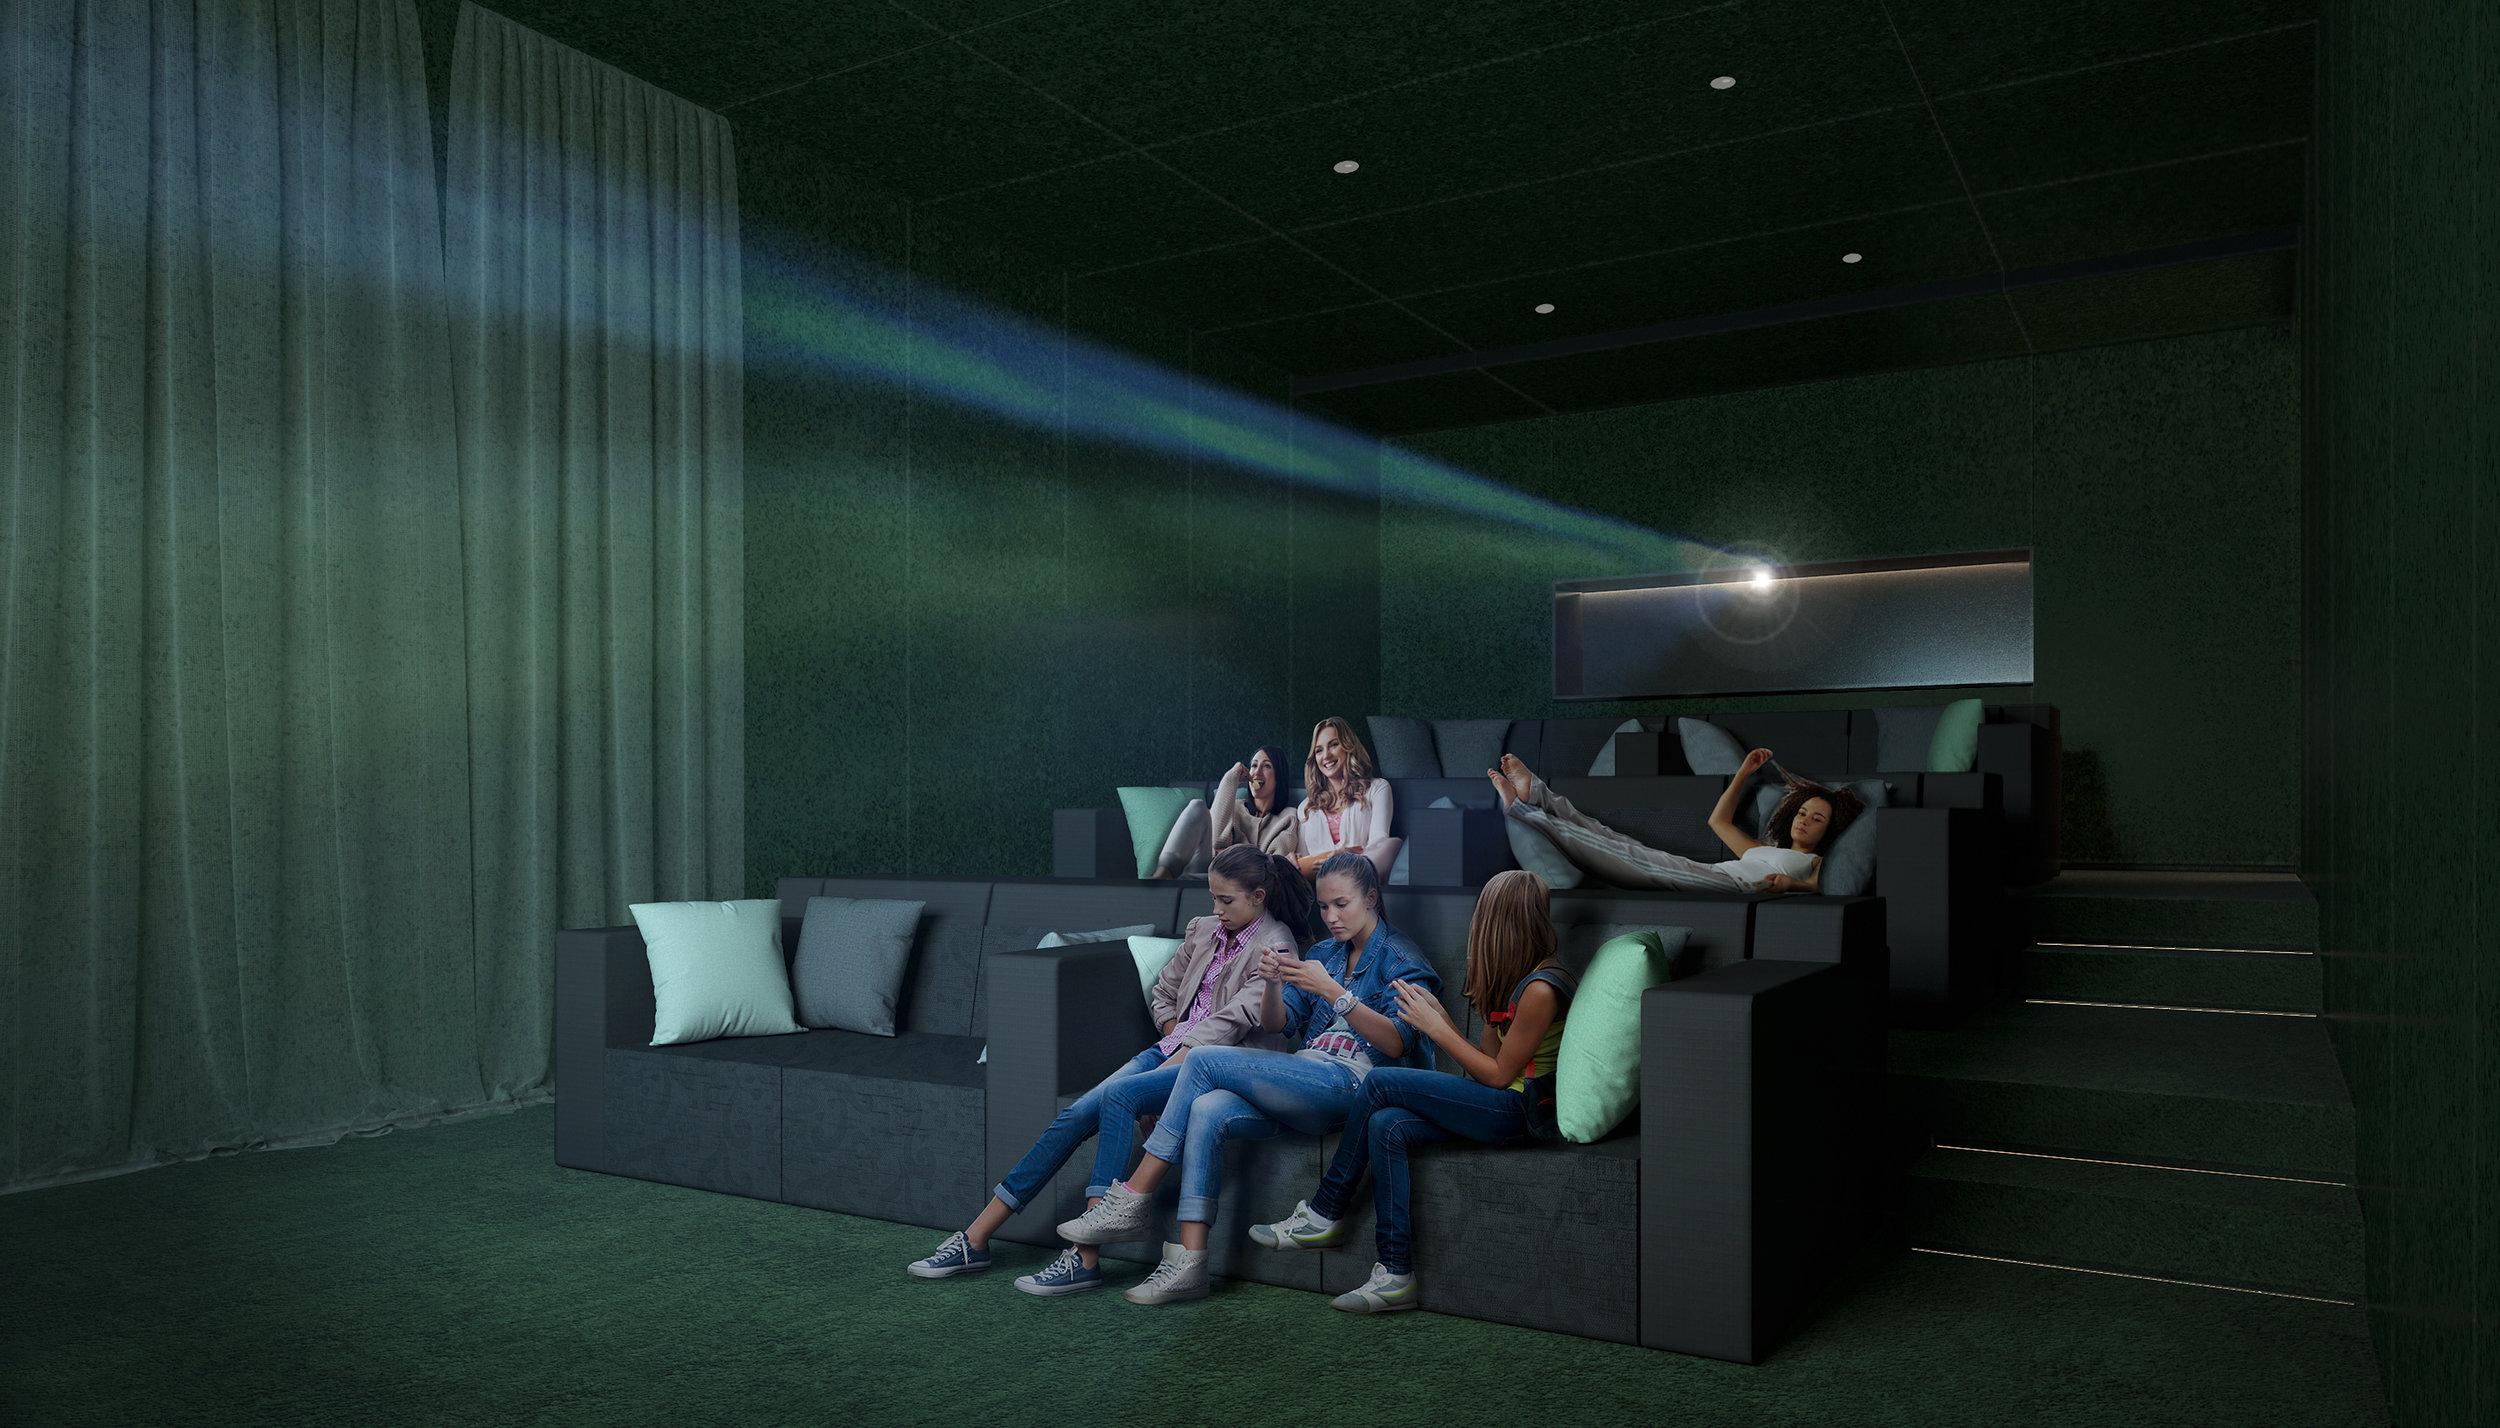 Screening Room_04a.jpg